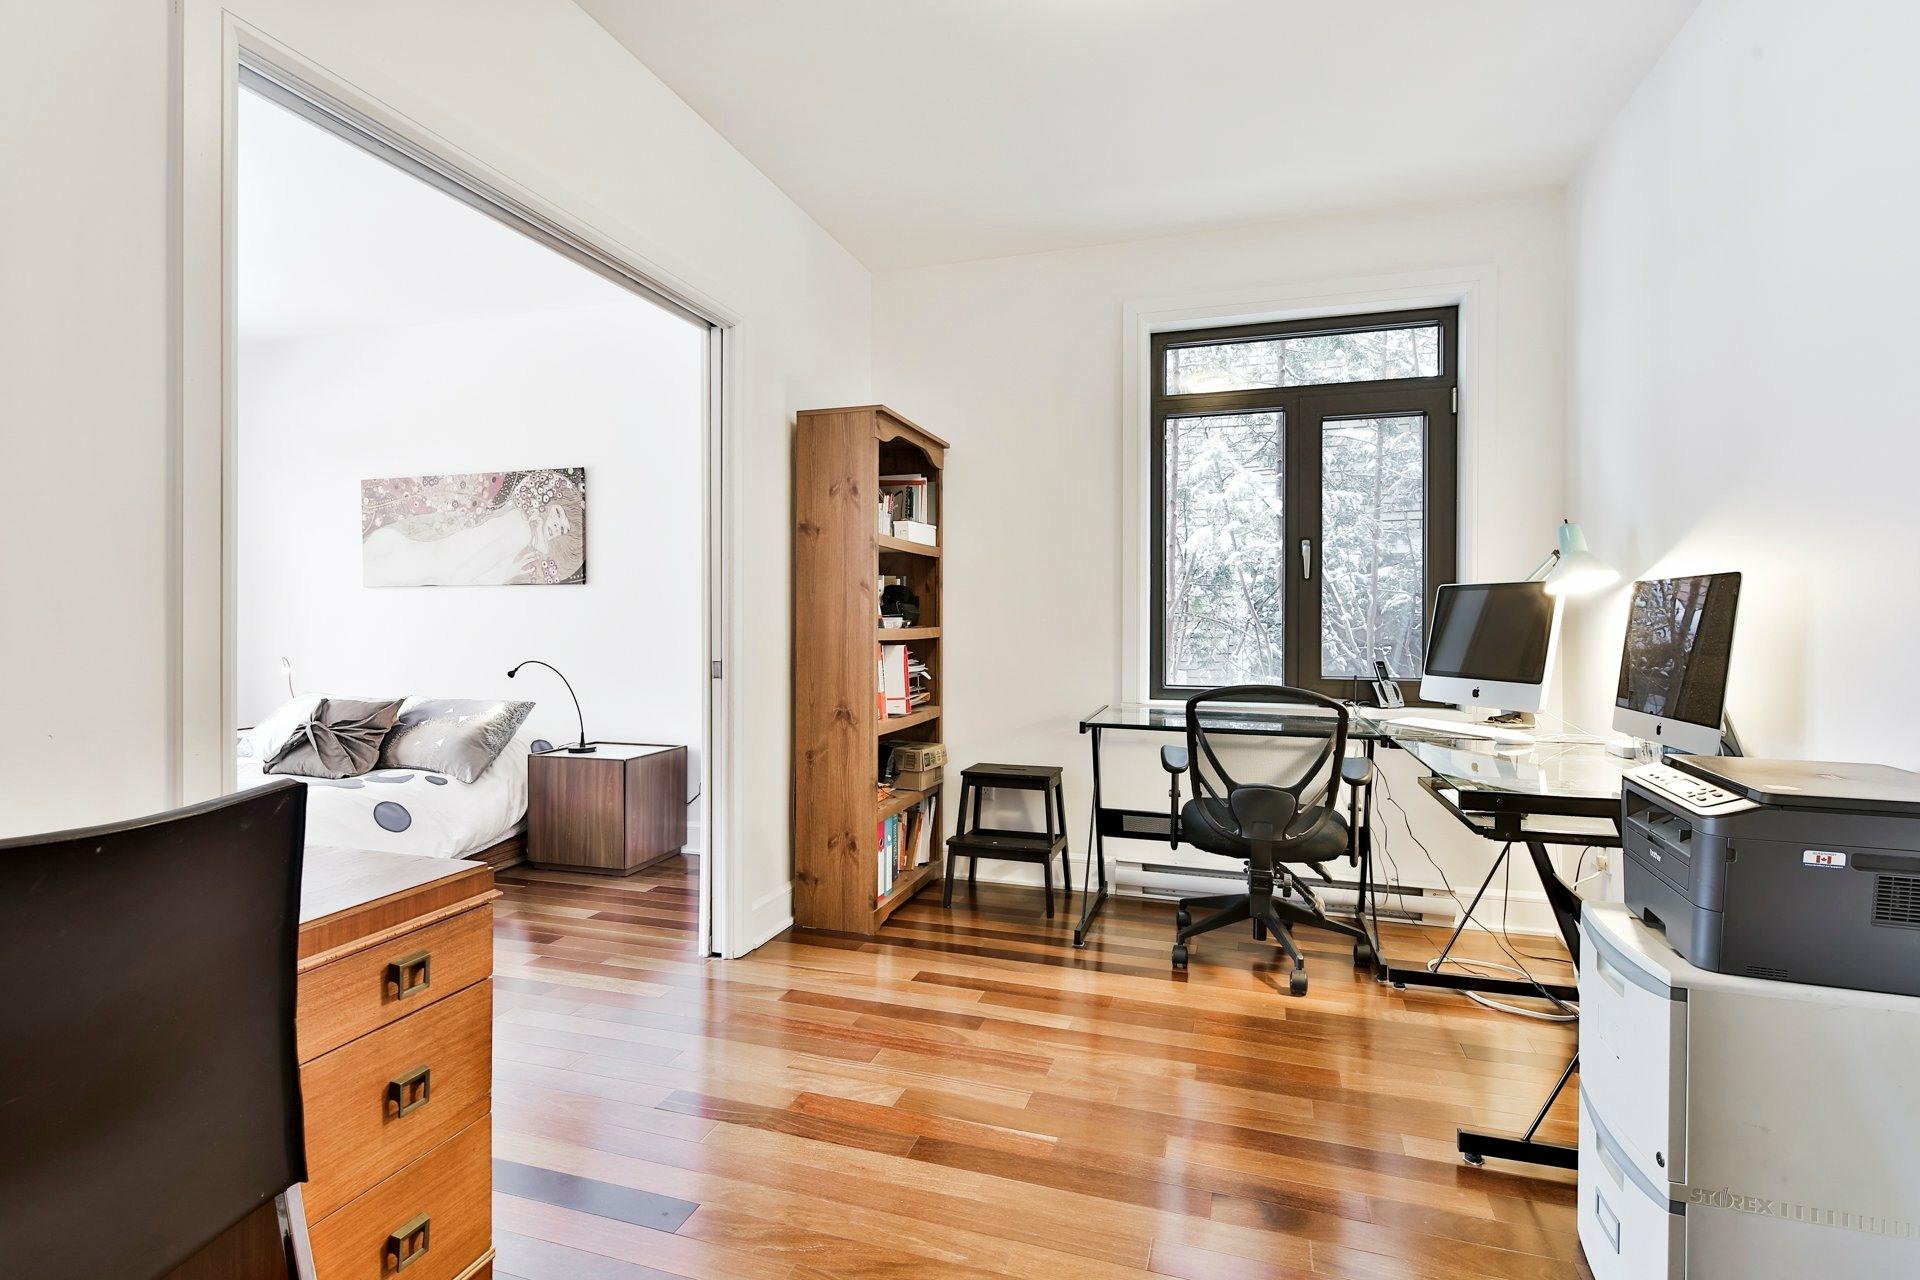 image 13 - Appartement À vendre Montréal Ahuntsic-Cartierville  - 11 pièces